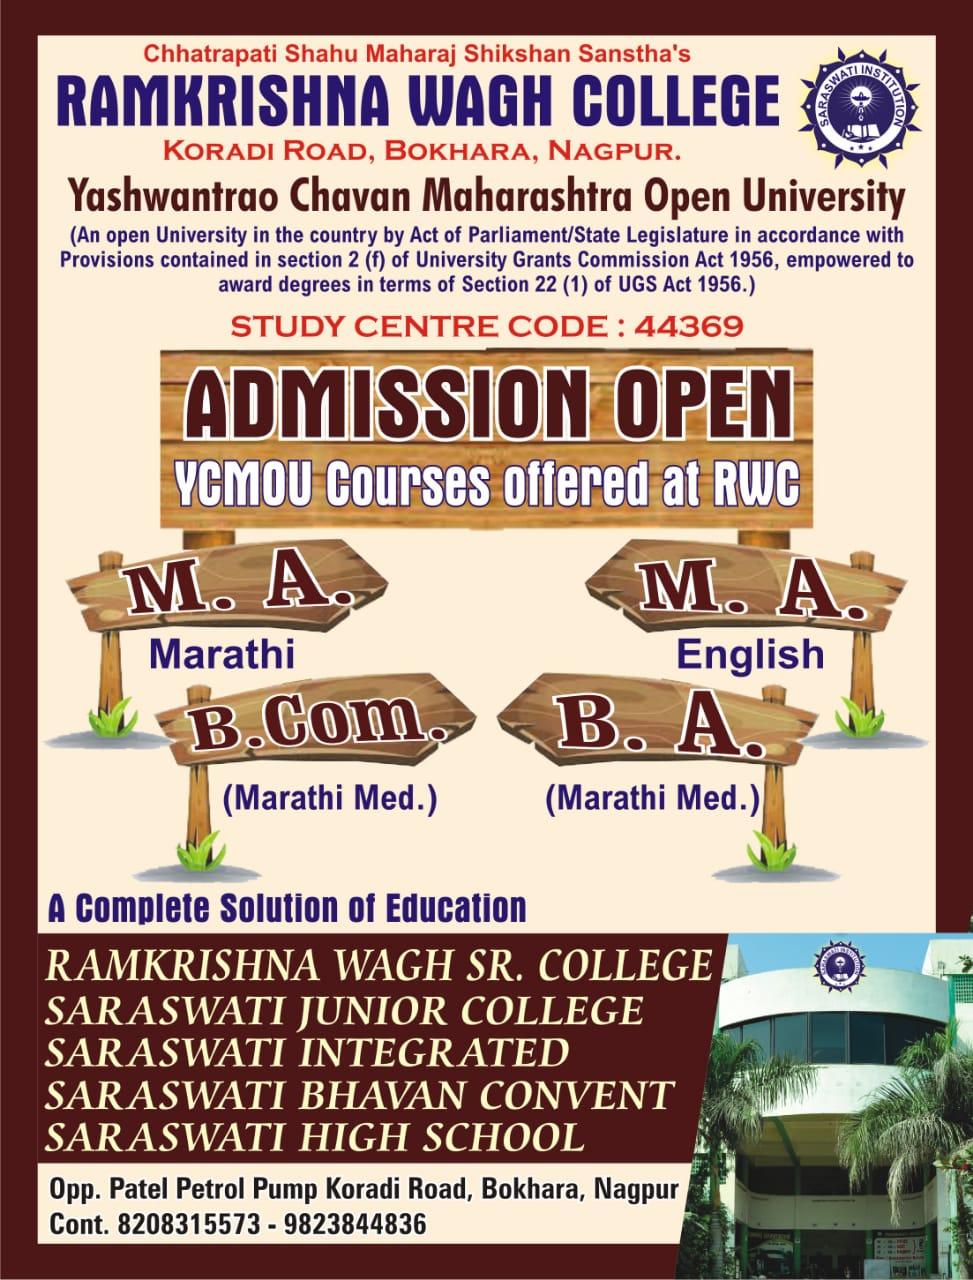 Saraswati Institution